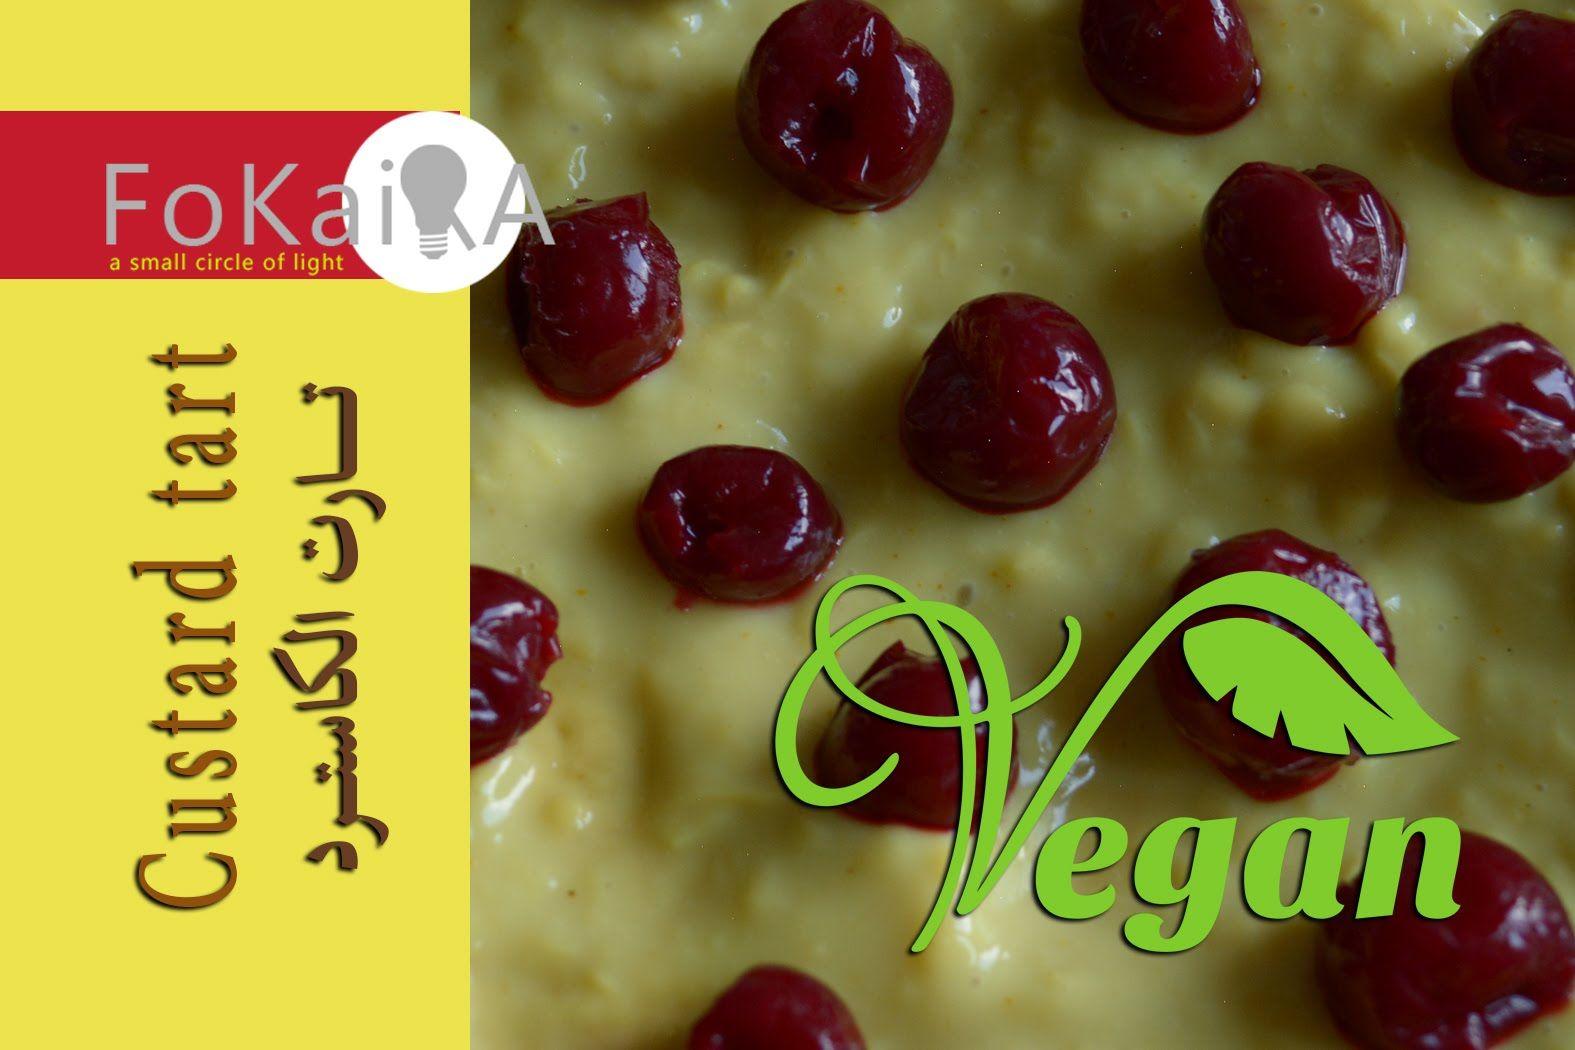 Vegan Custard Tart الفكيرة 112 تارت الكاسترد فيجان صيامى Cooking Recipes Custard Tart